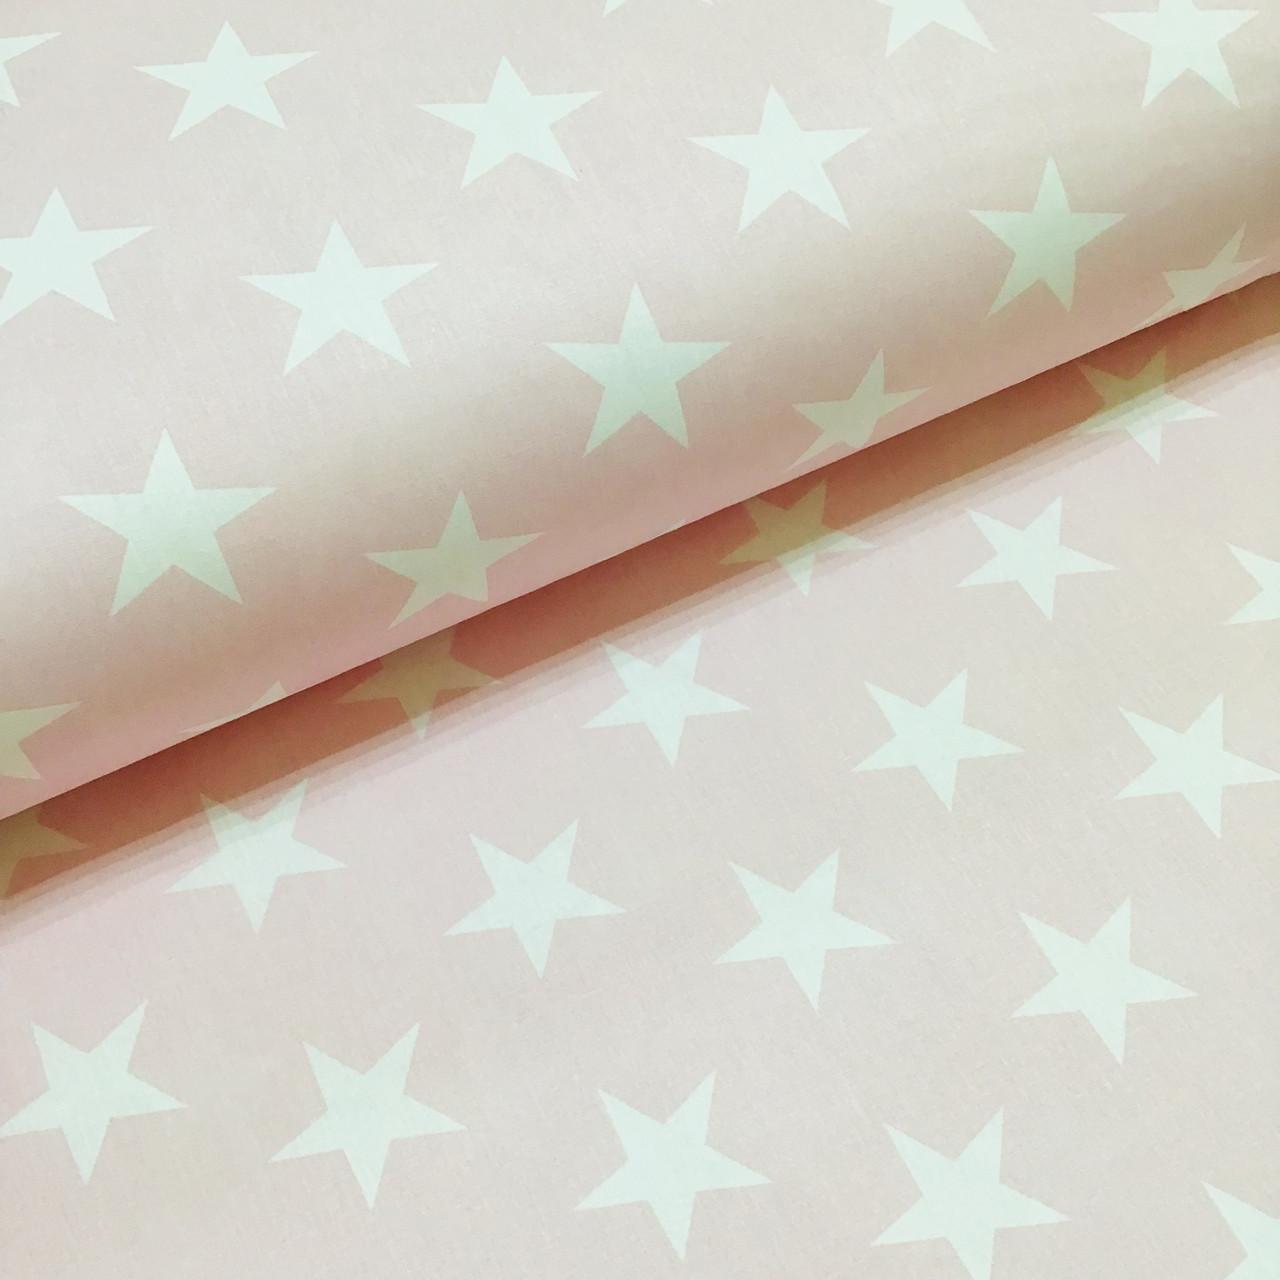 Ткань поплин звезды крупные белые на розовом (ТУРЦИЯ шир. 2,4 м) №31-129